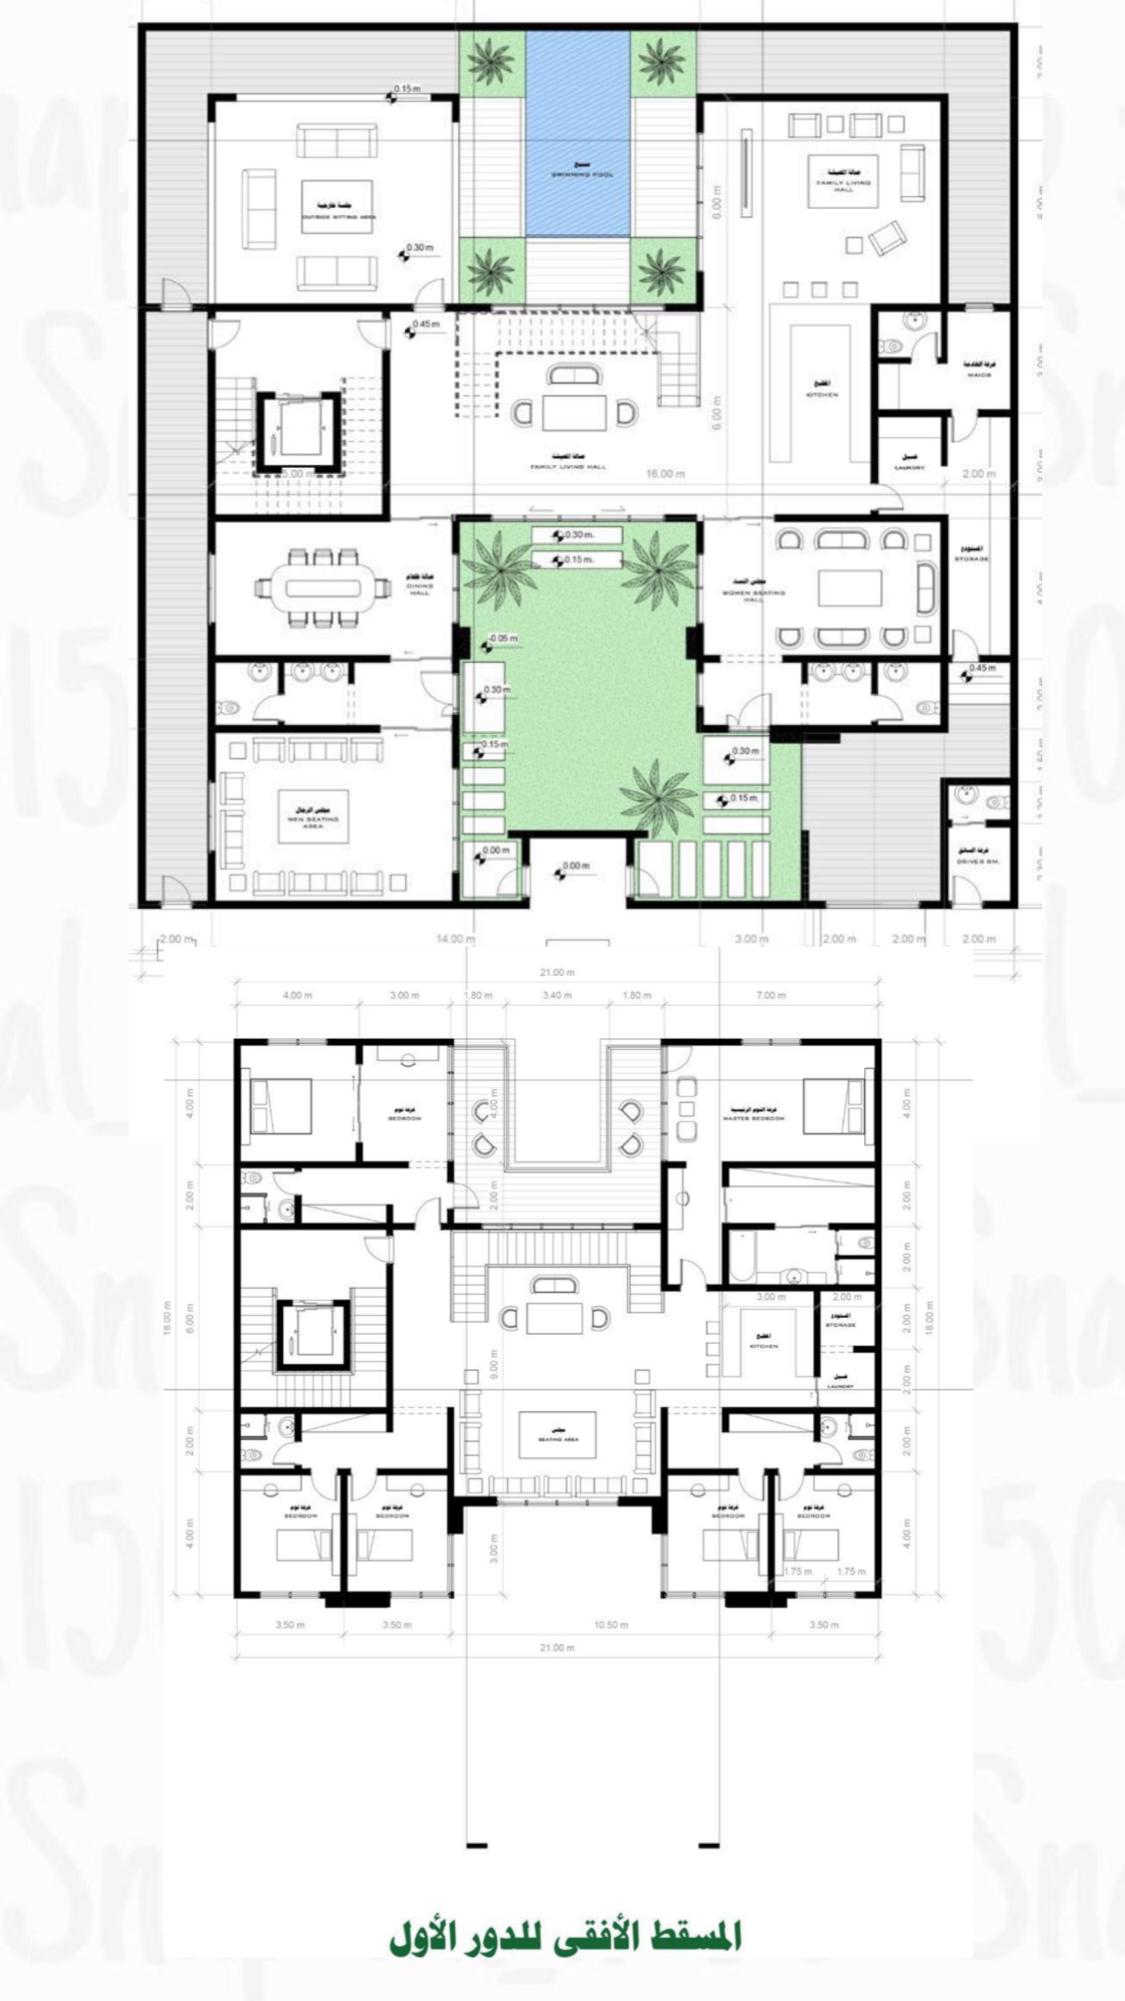 مخطط مخططات House Structure Design Architectural Floor Plans Family House Plans